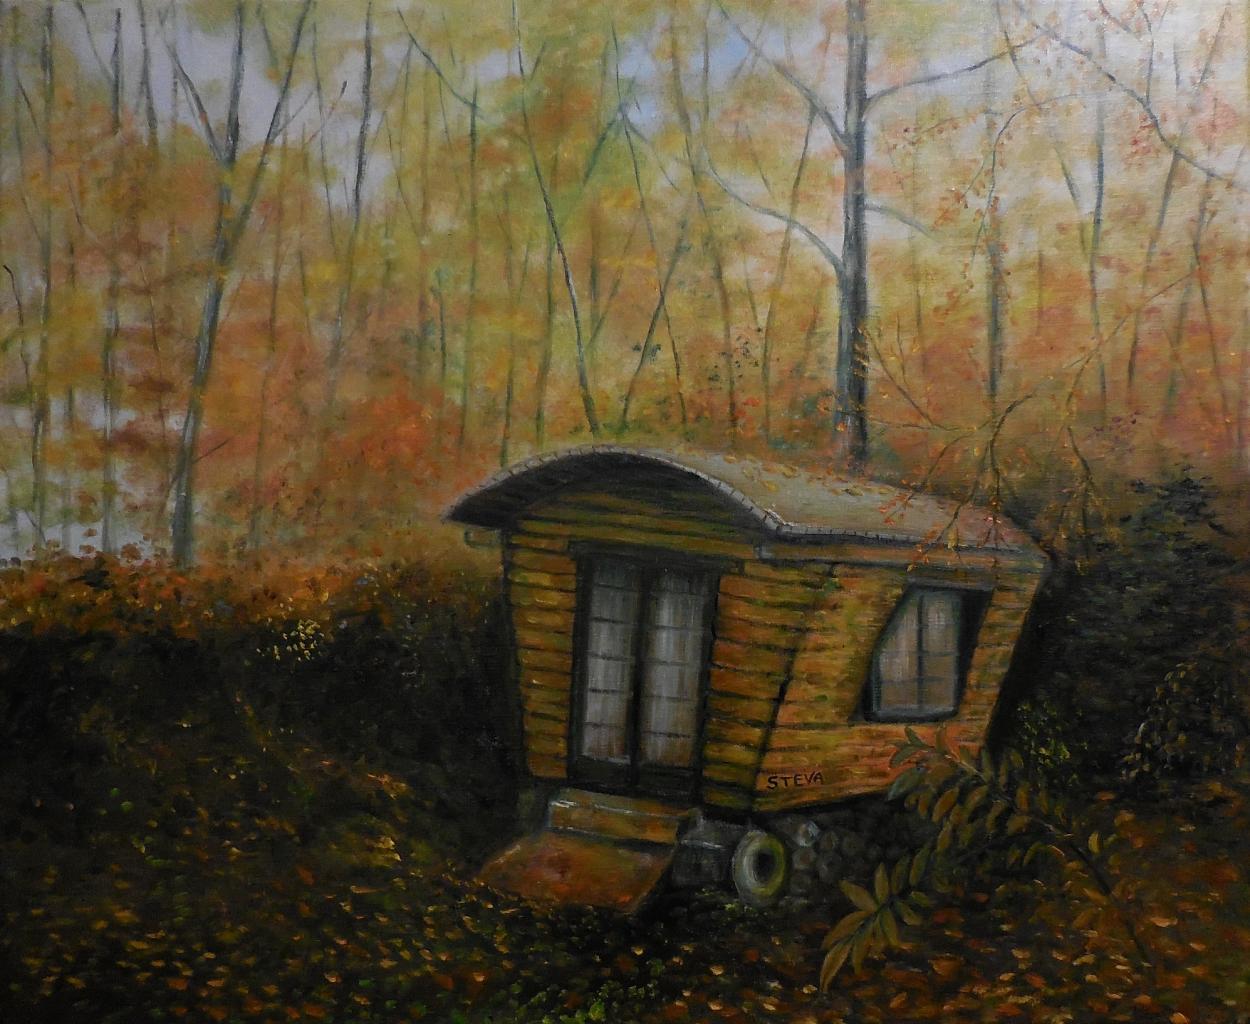 La roulotte abandonnée huile sur toile 61 x50 cm , vendu